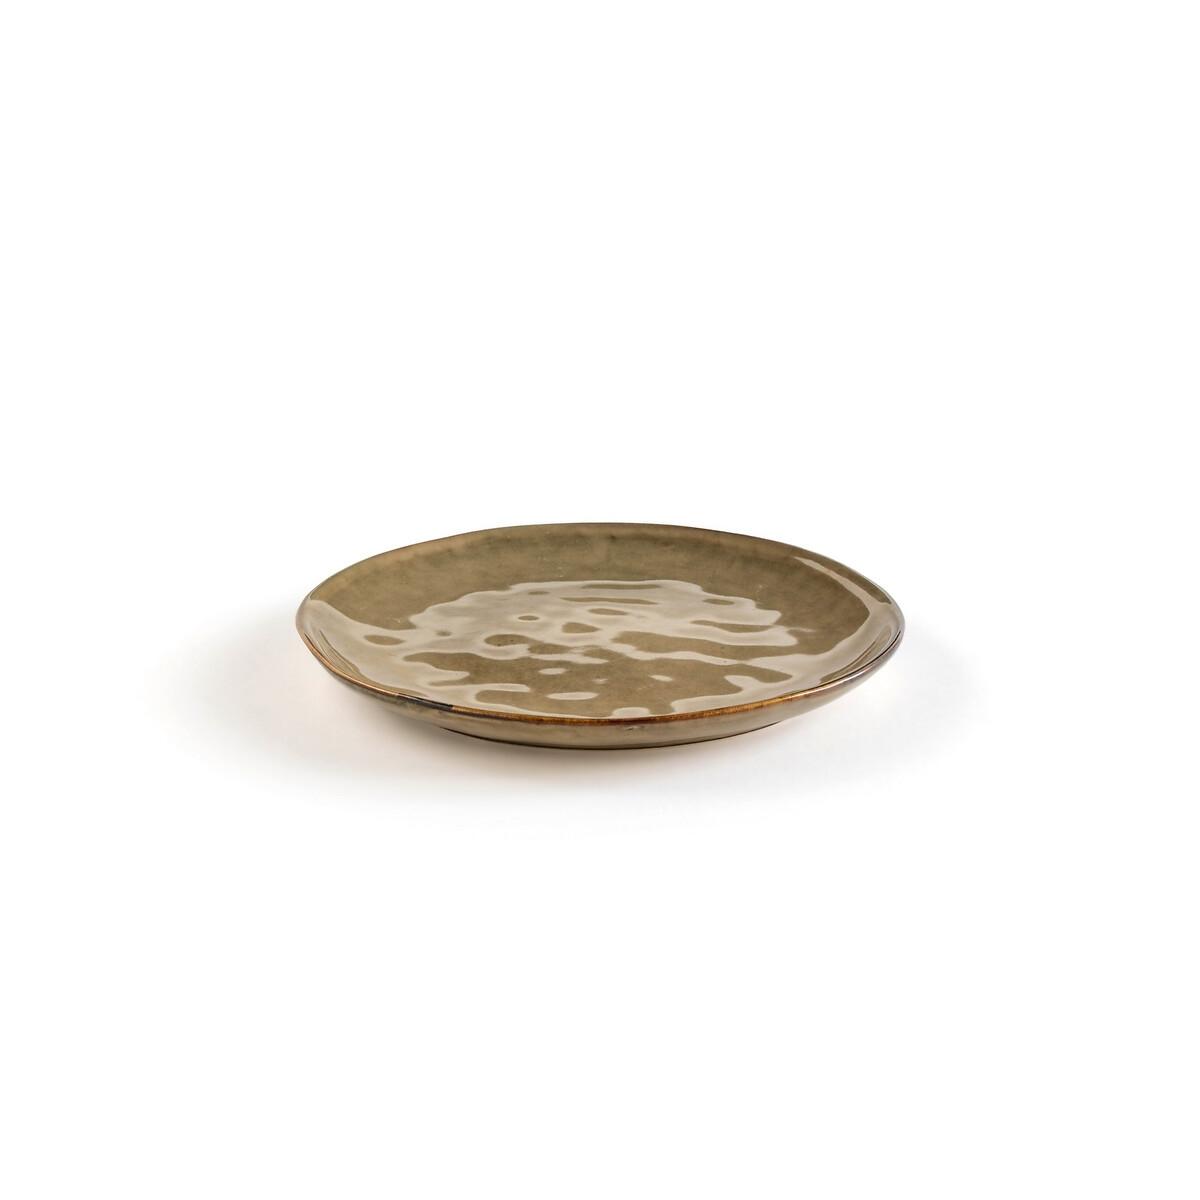 Фото - Комплект из 4 десертных тарелок LaRedoute Из керамики Horciag единый размер бежевый 4 десертные laredoute тарелки из глазурованной керамики anika единый размер серый